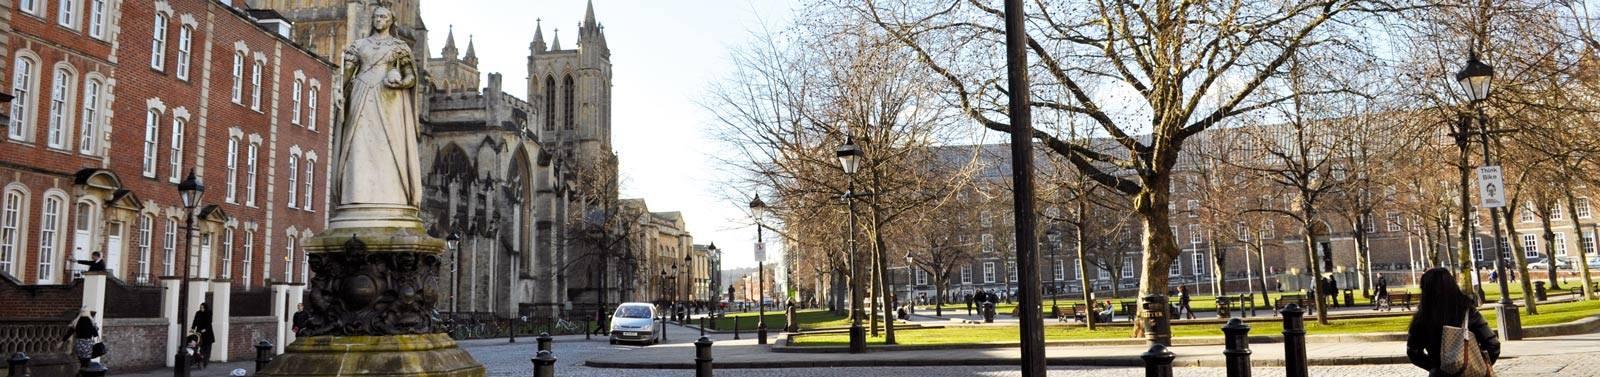 Estudiar Inglés en Bristol para Adultos